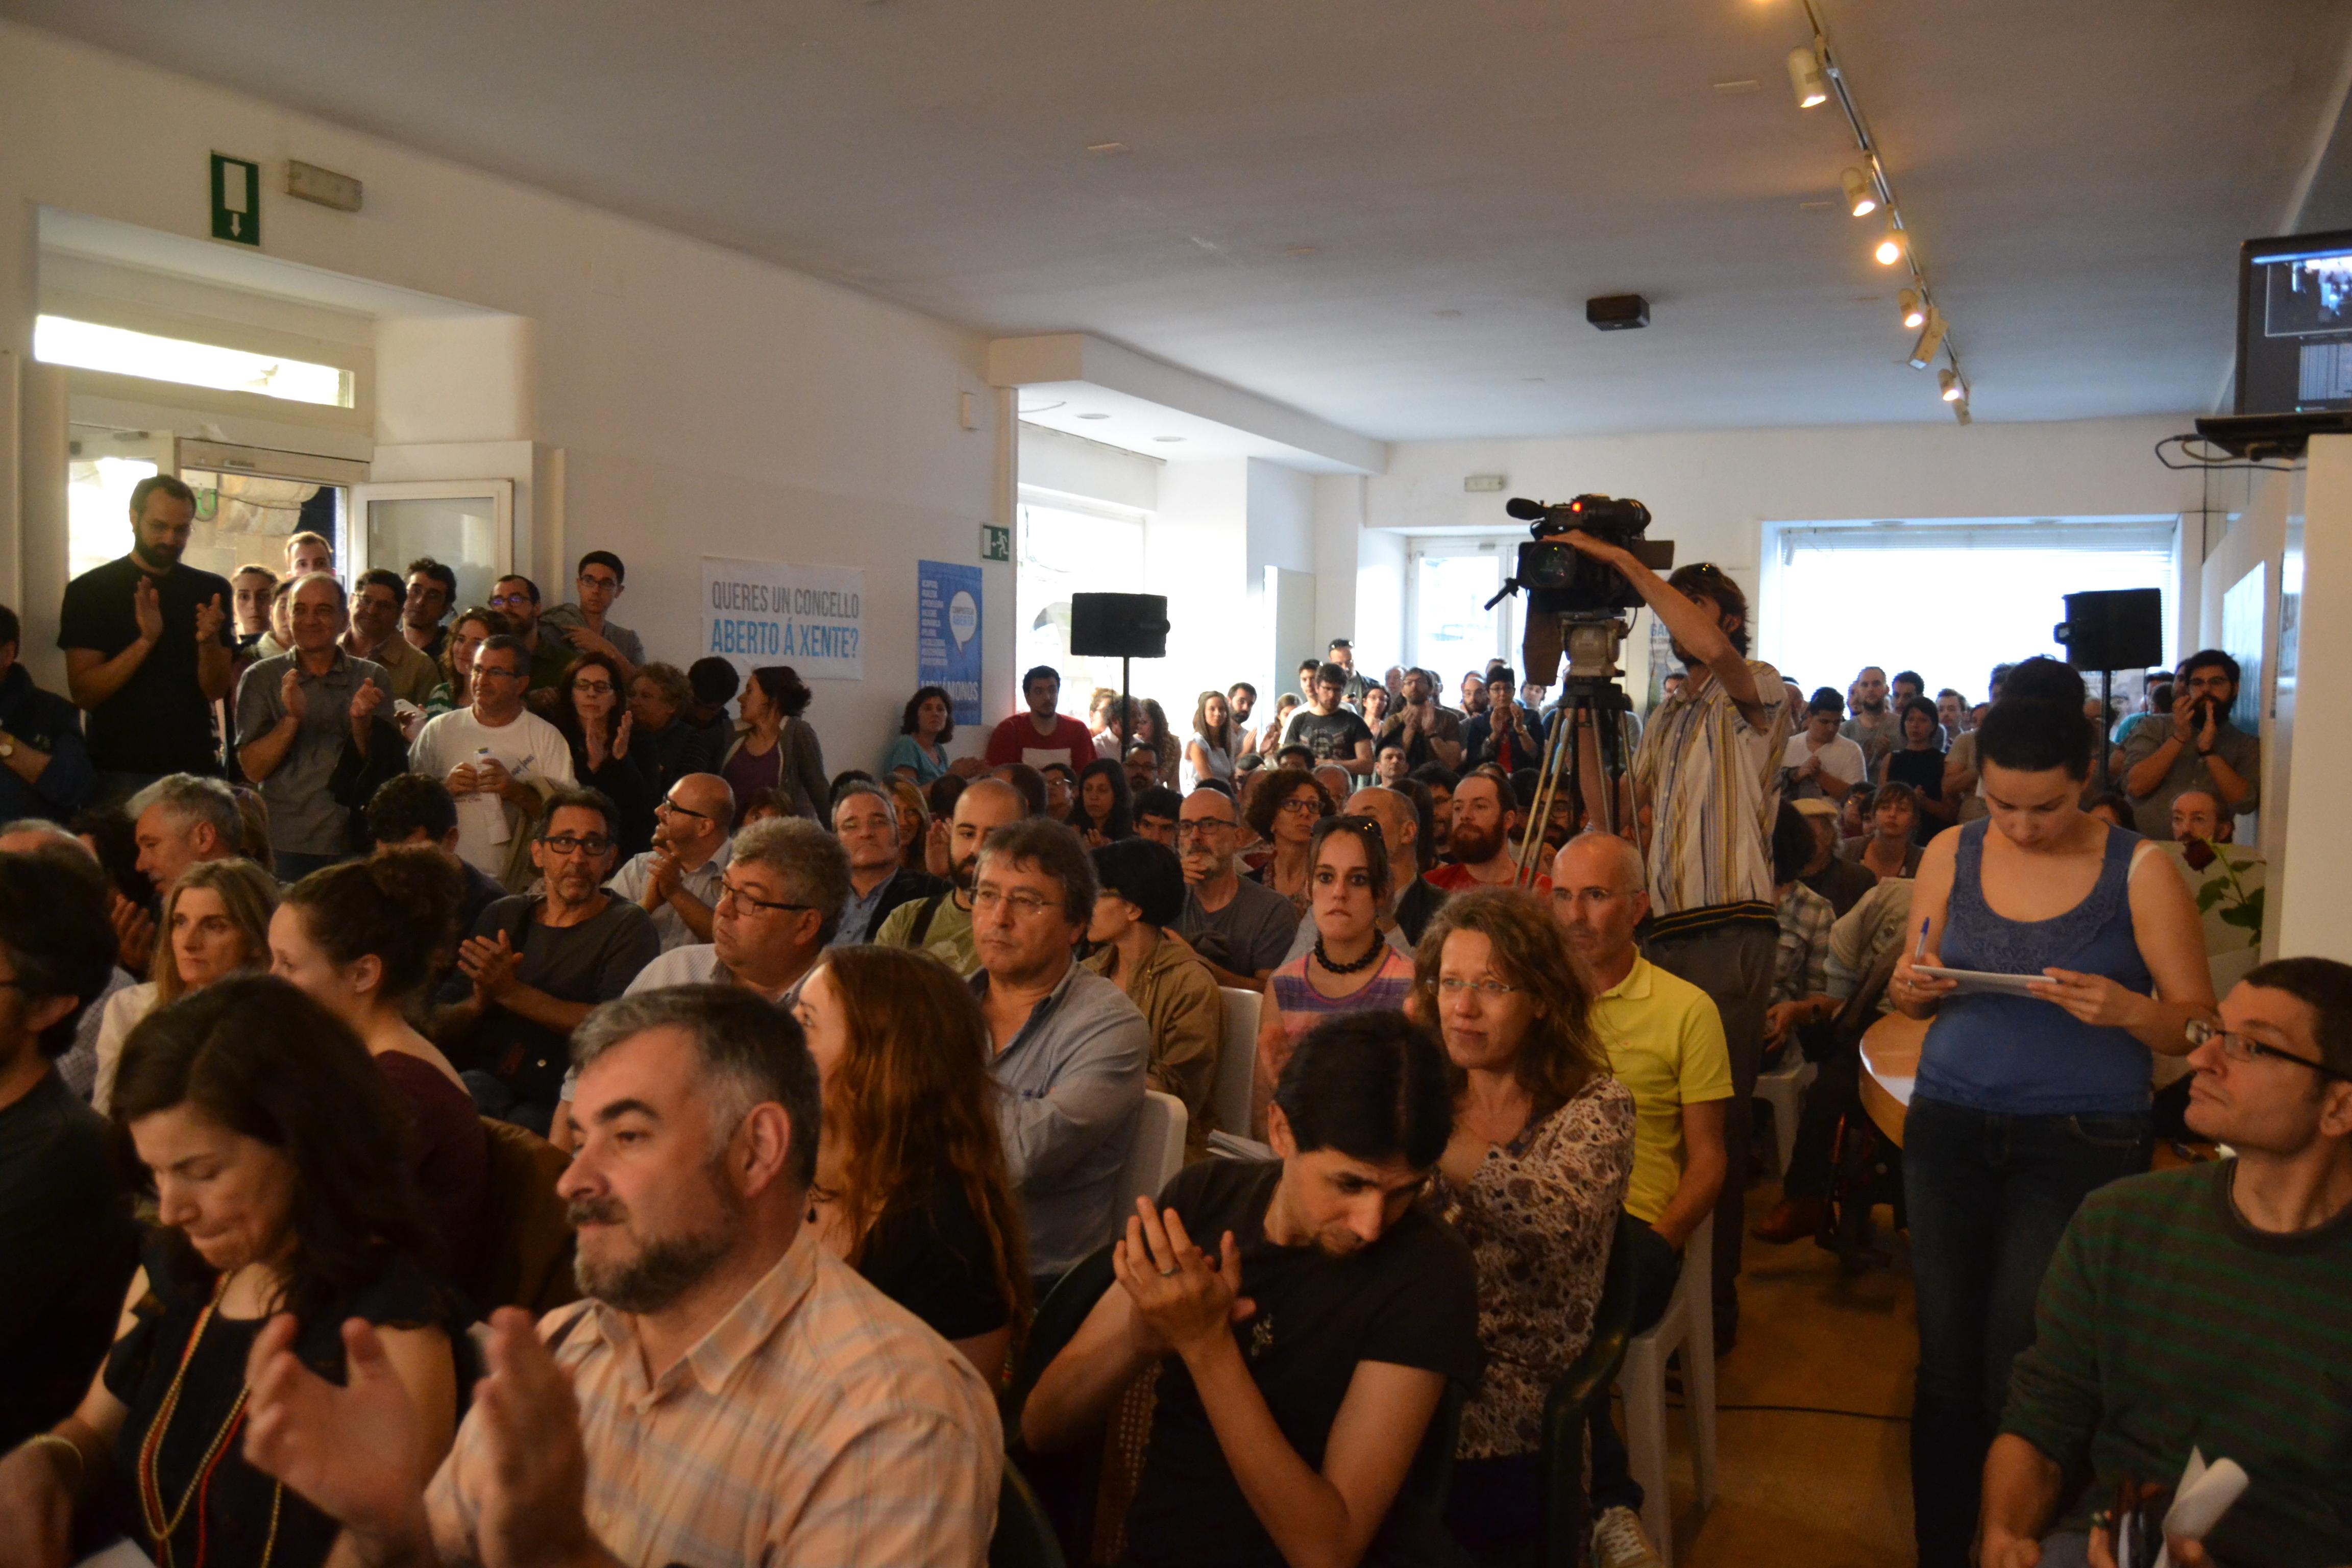 O local de Compostela Aberta na Praza do Toural  quedouse pequeno nesta primeira asemblea tralas eleccións |©Carlos Rey